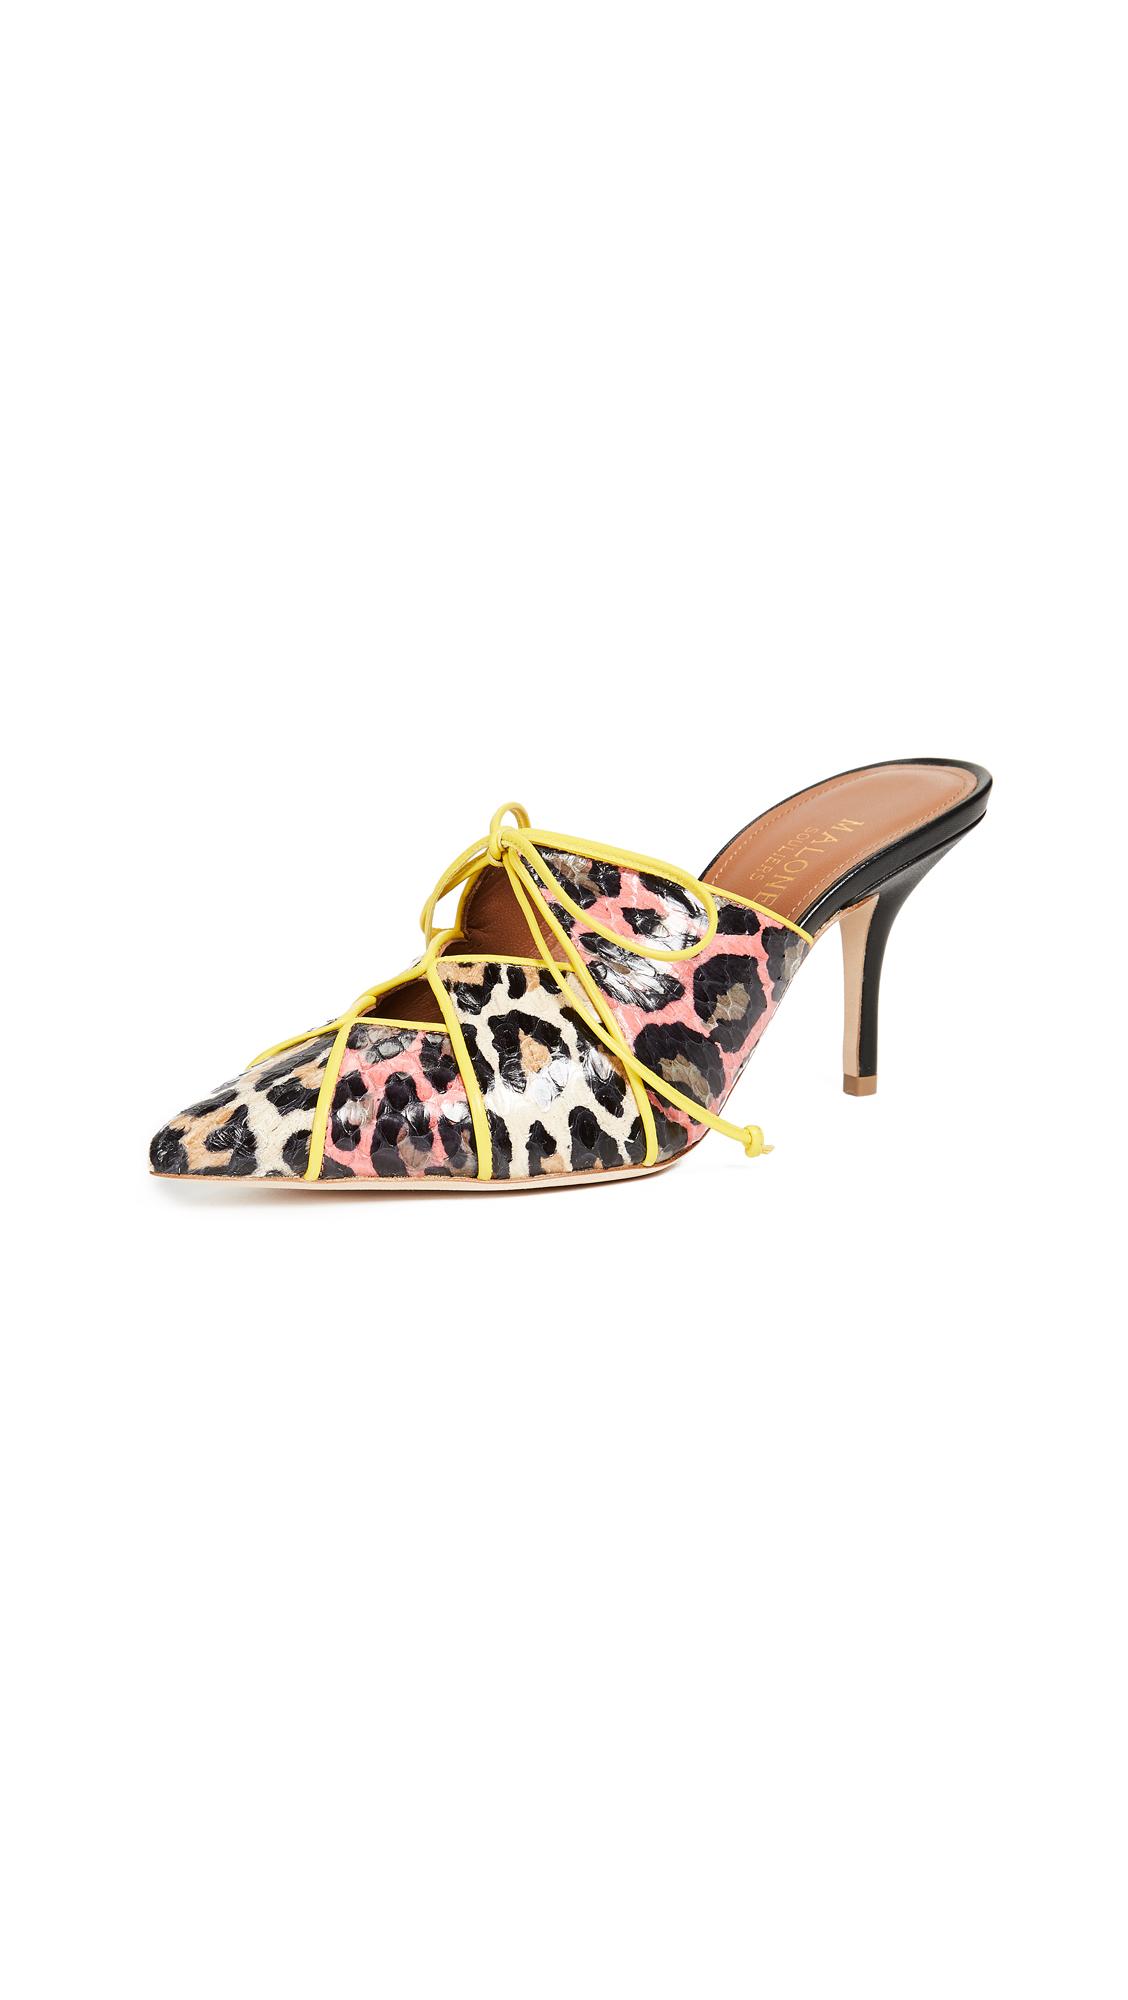 Malone Souliers Lulu Mules - Red/Beige Leopard/Yellow/Black